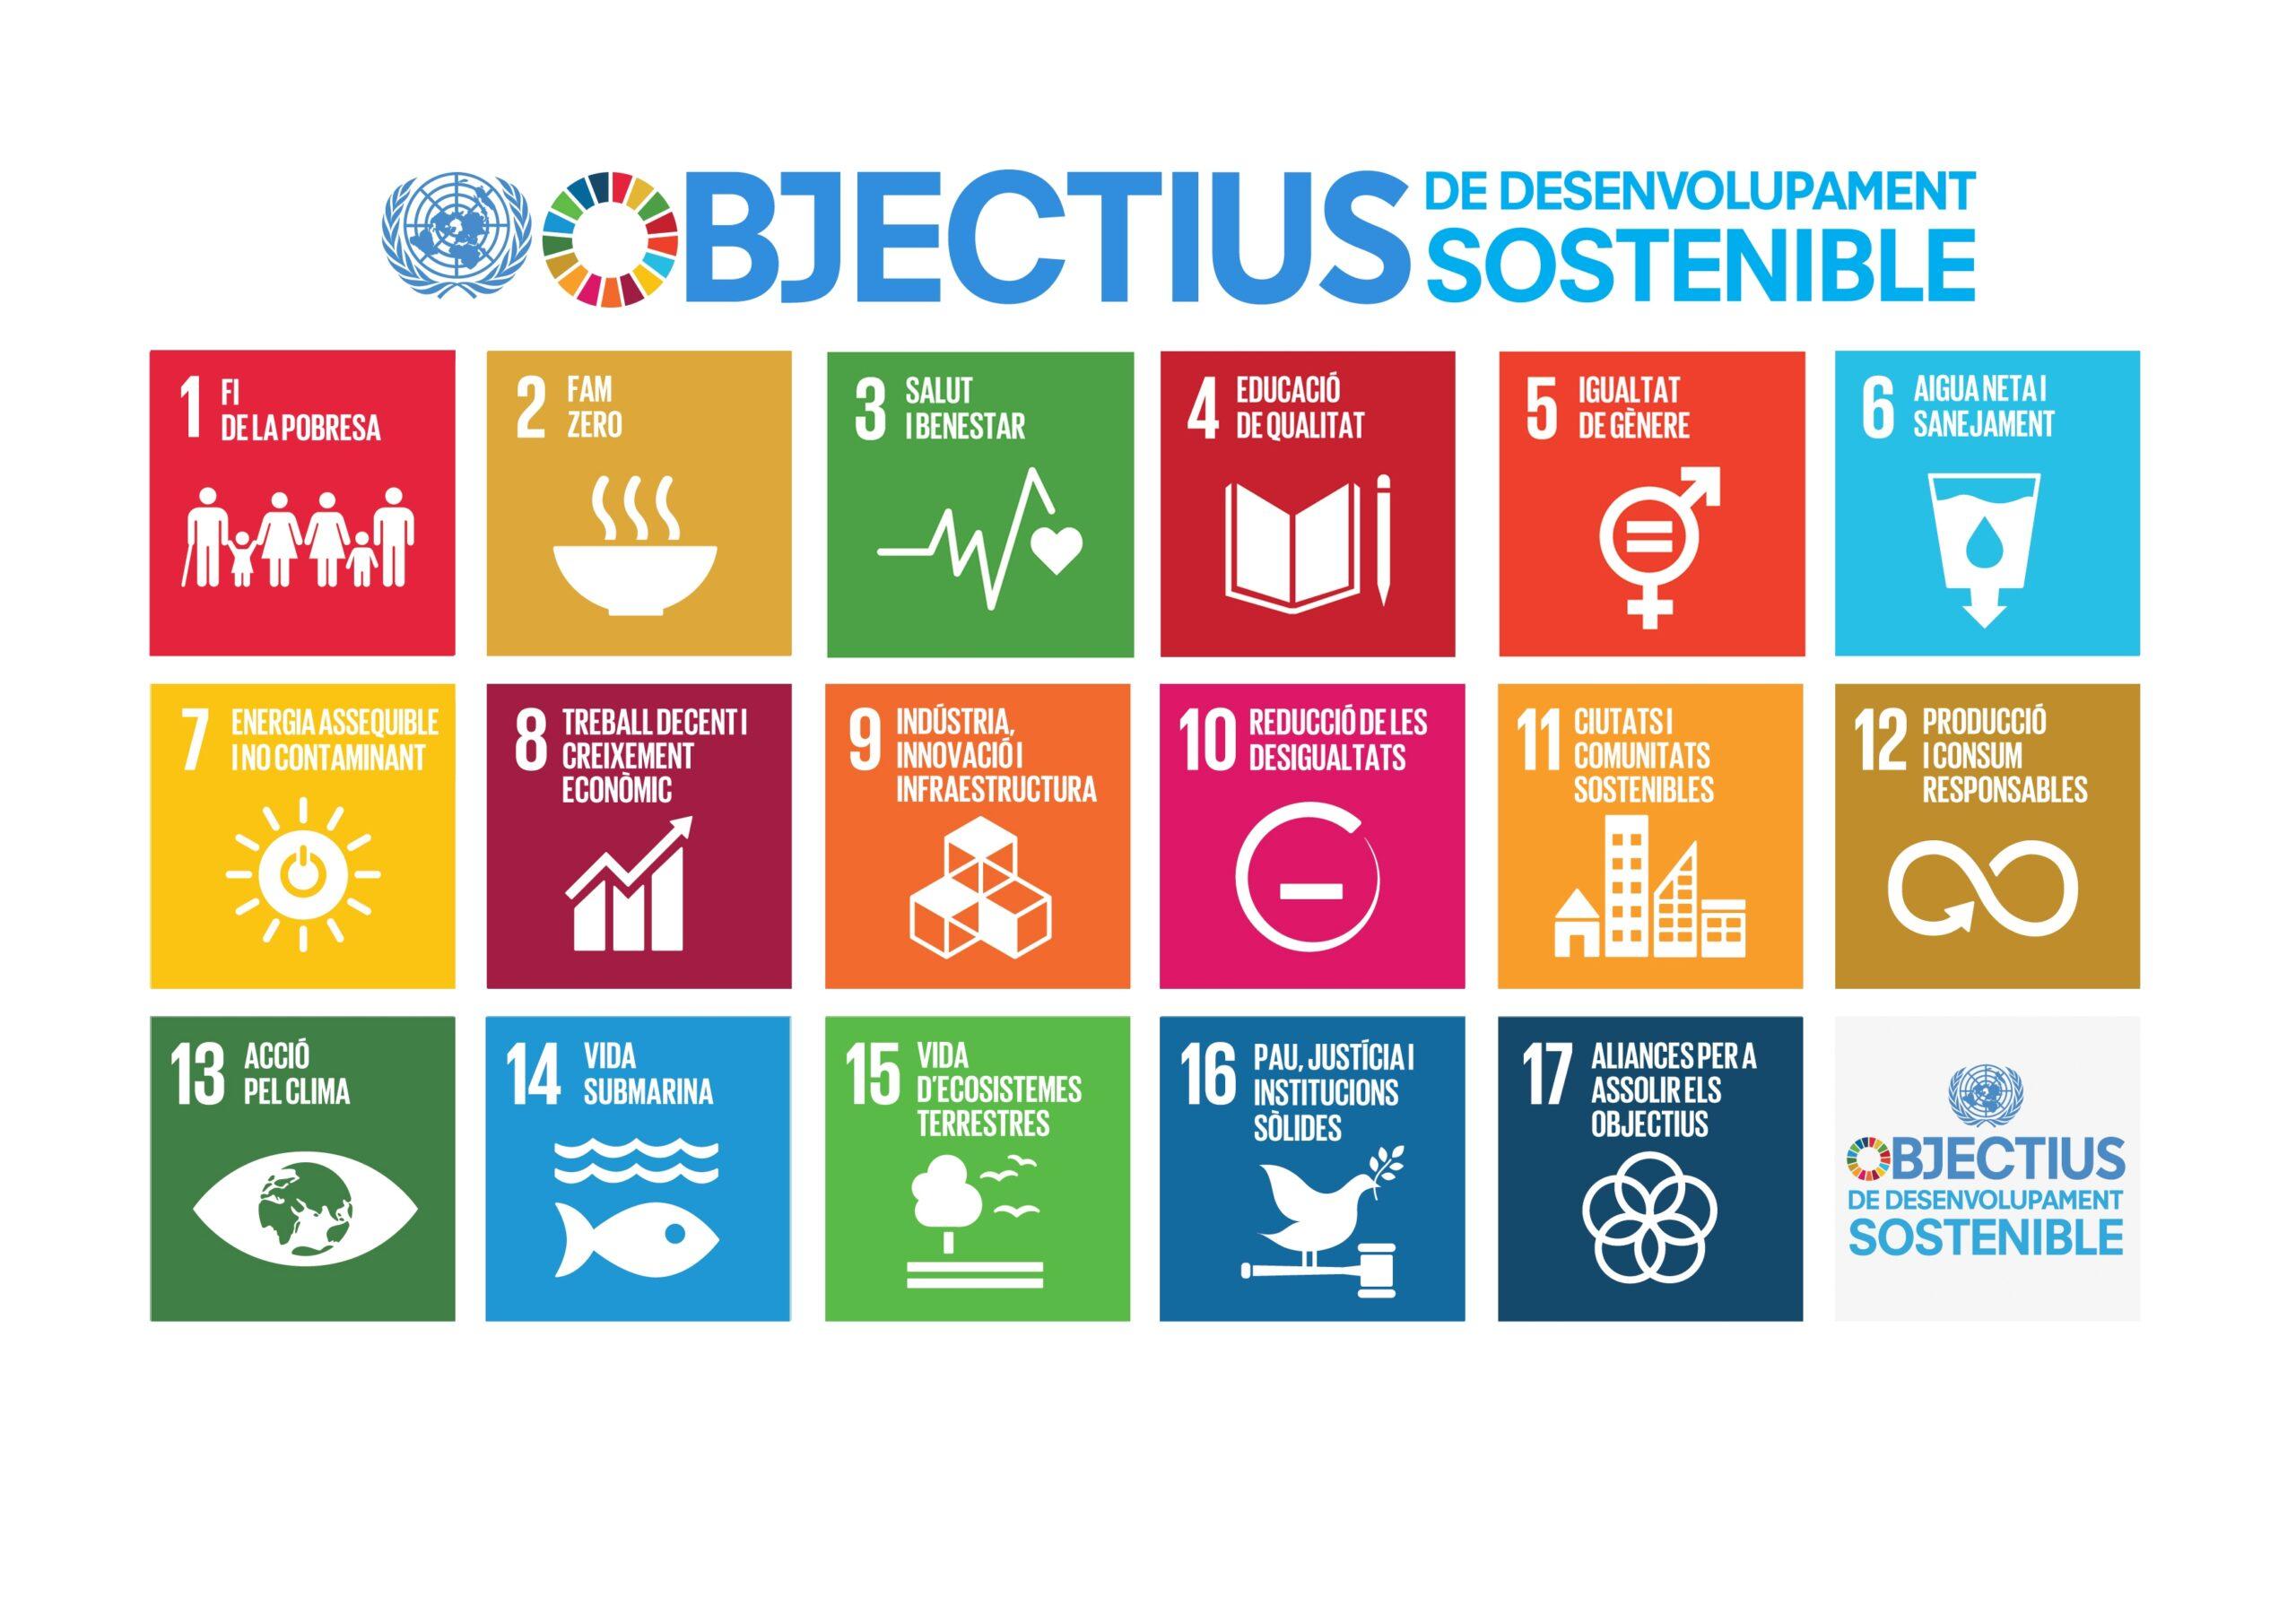 Assessorament en linies estratègiques d'actuació per acomplir ODS